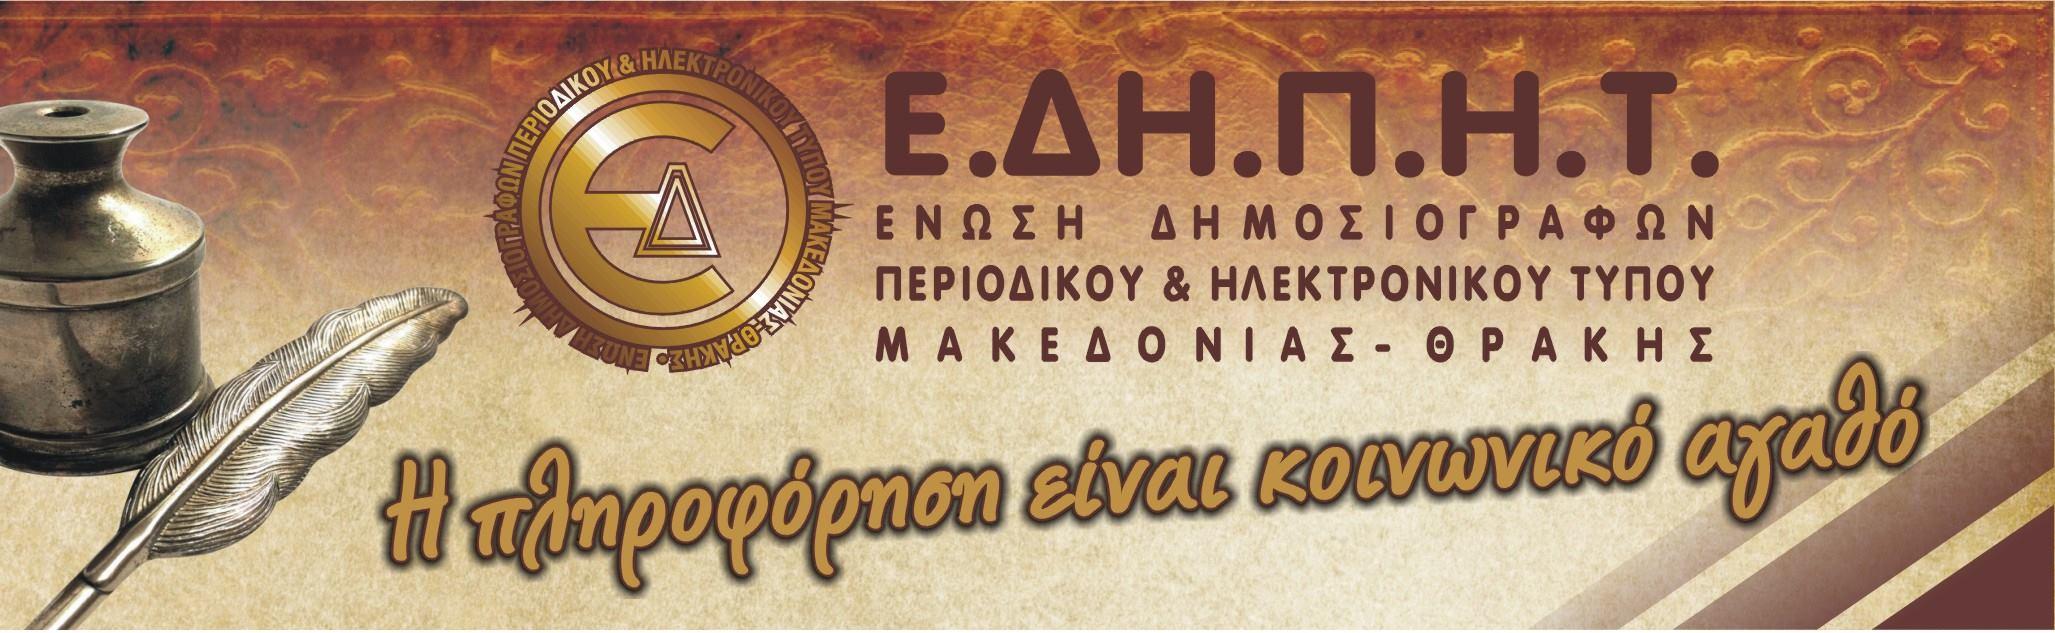 Ένωση Δημοσιογράφων Περιοδικού και Ηλεκτρονικού Τύπου Μακεδονίας - Θράκης